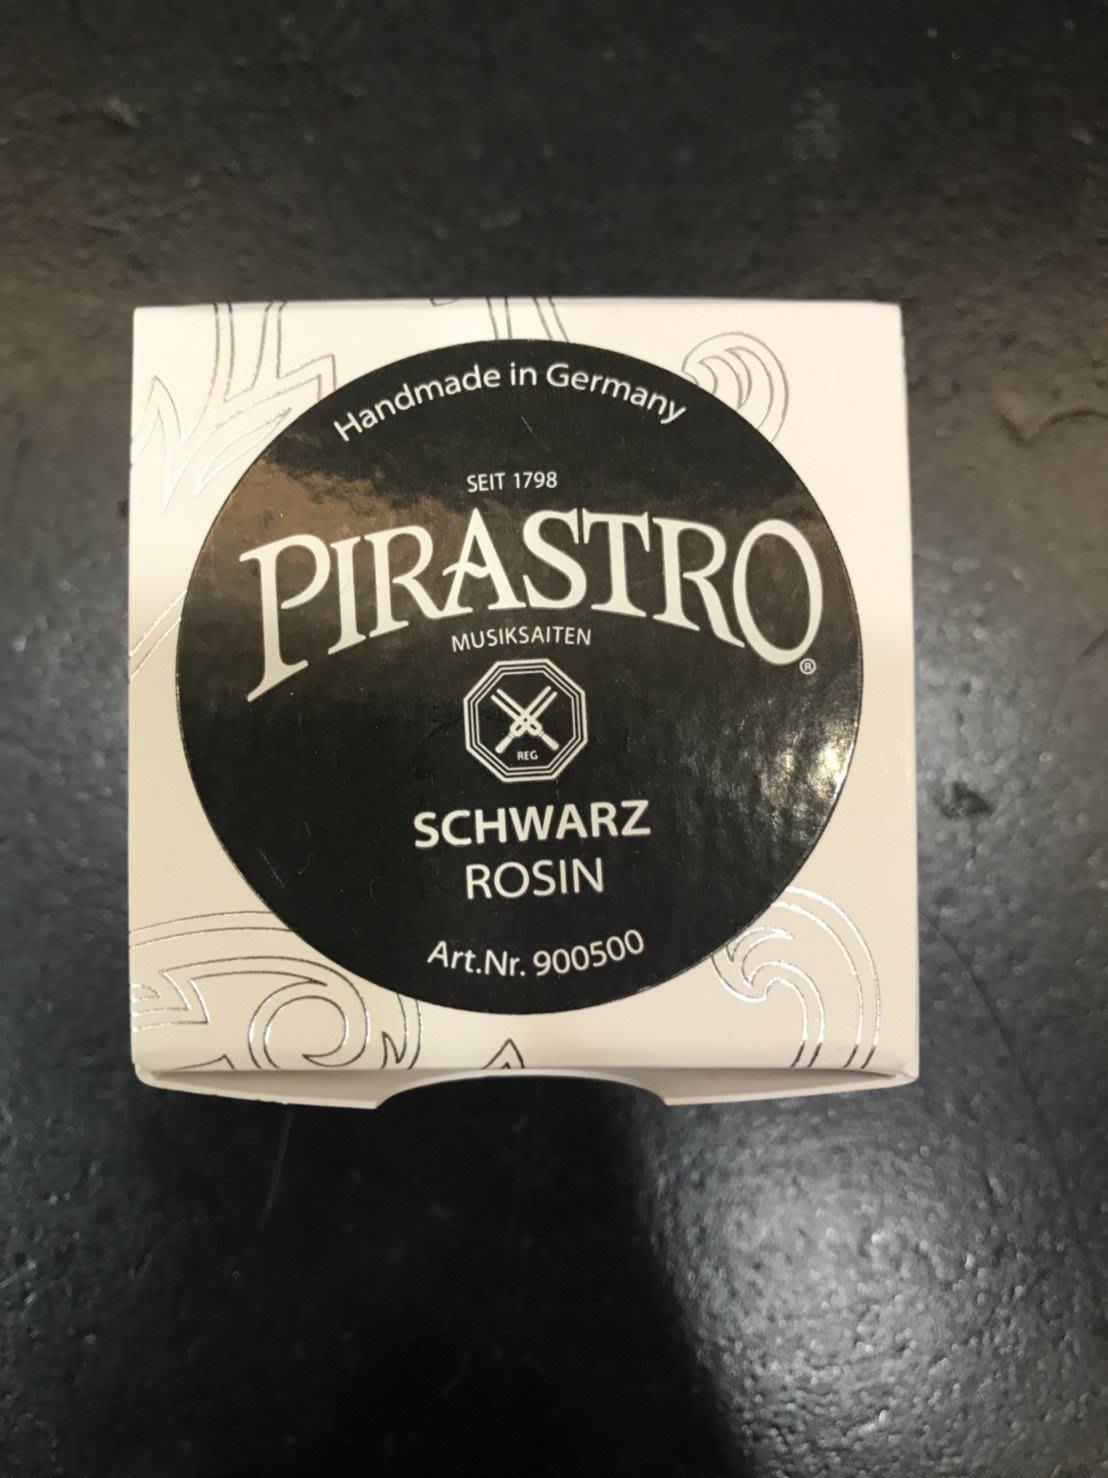 三一樂器 Pirastro Schwarz Rosin 黑 松香